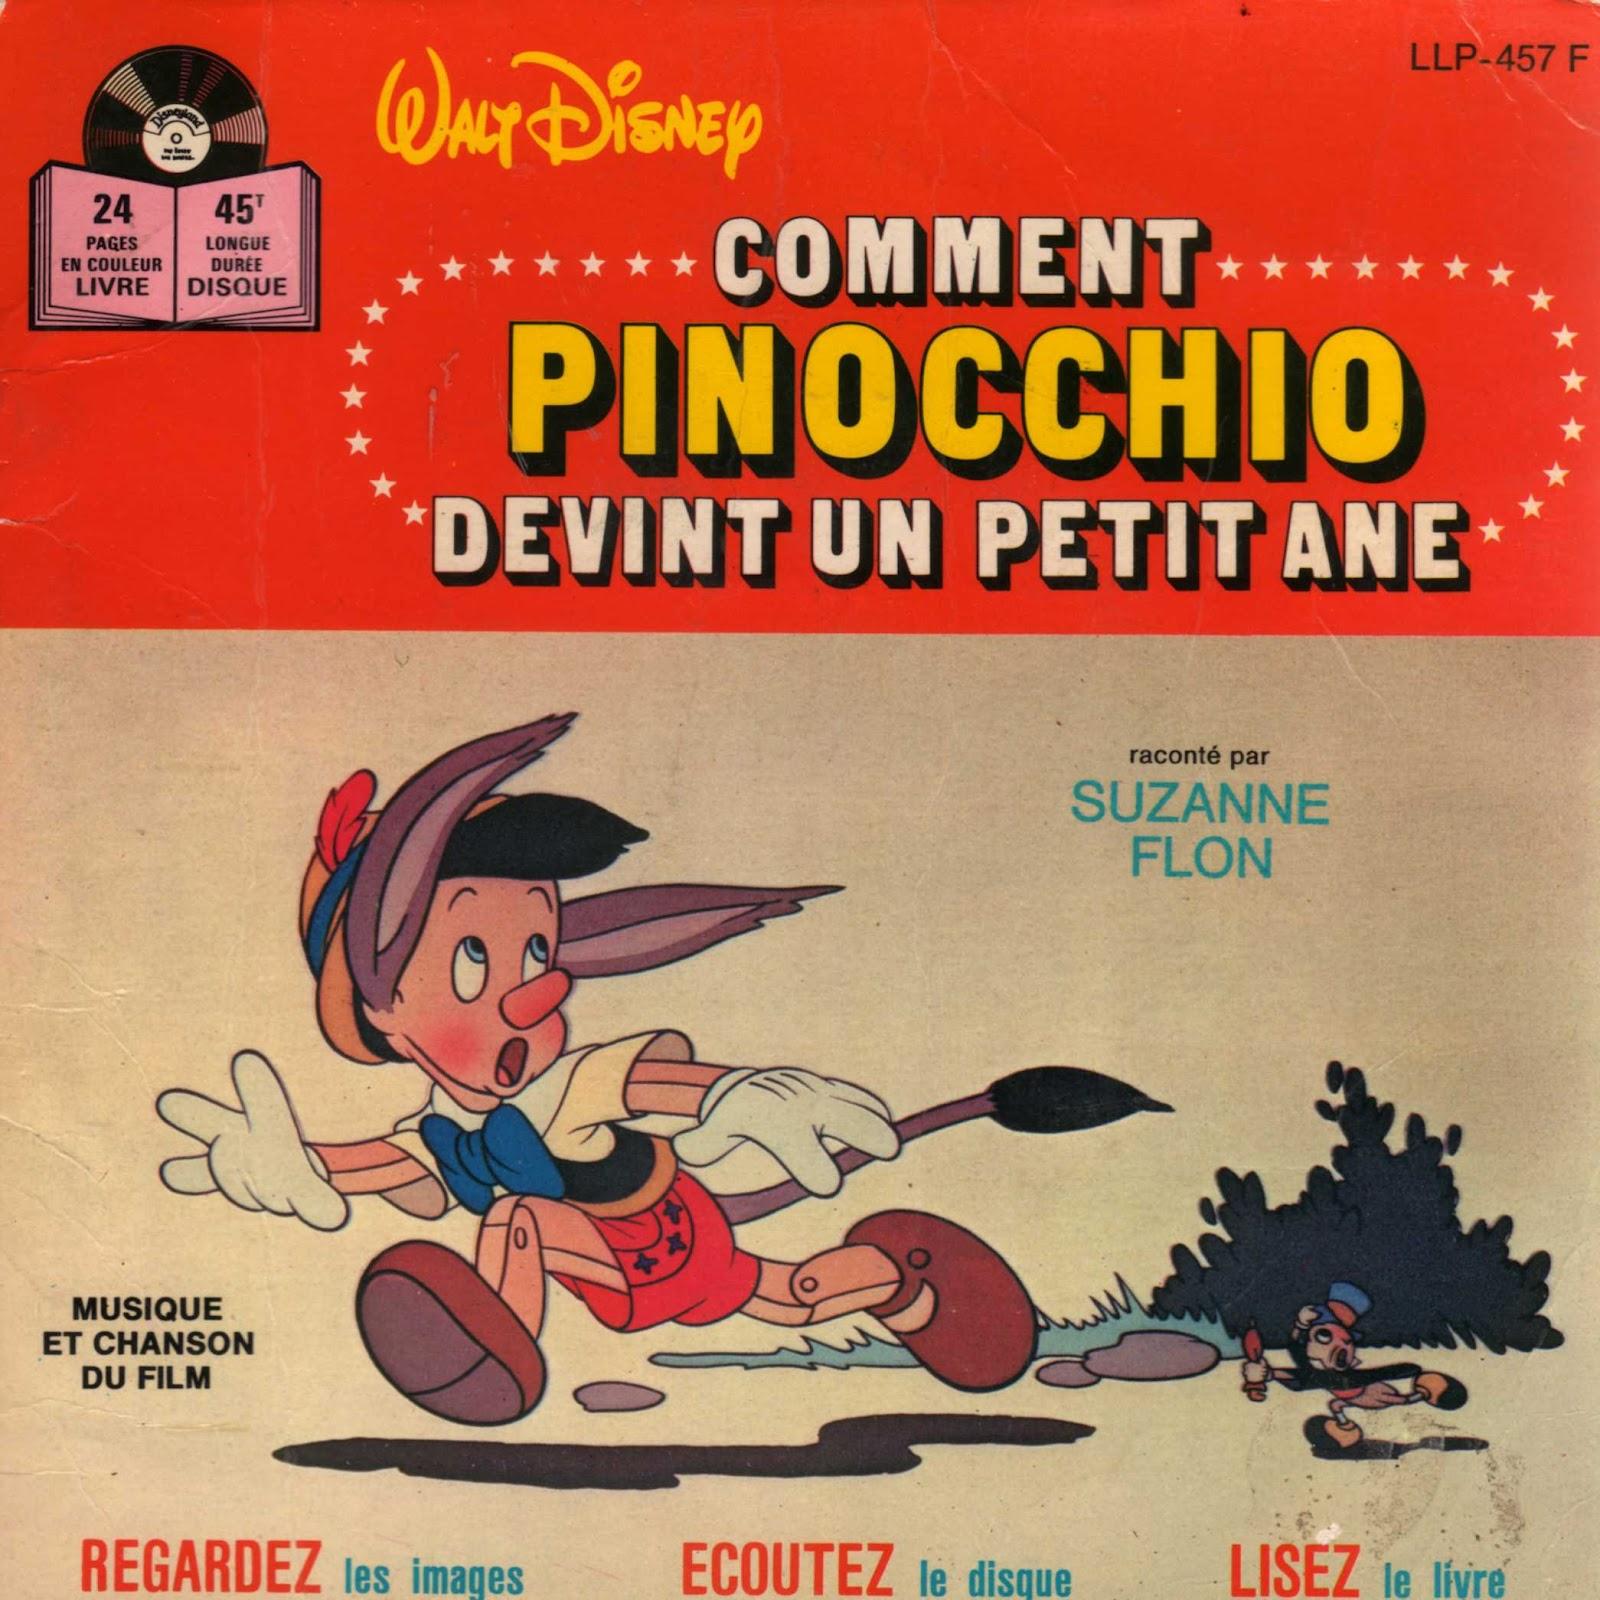 En broc llp 457 f comment pinocchio devint un petit ne - Baleine pinocchio ...